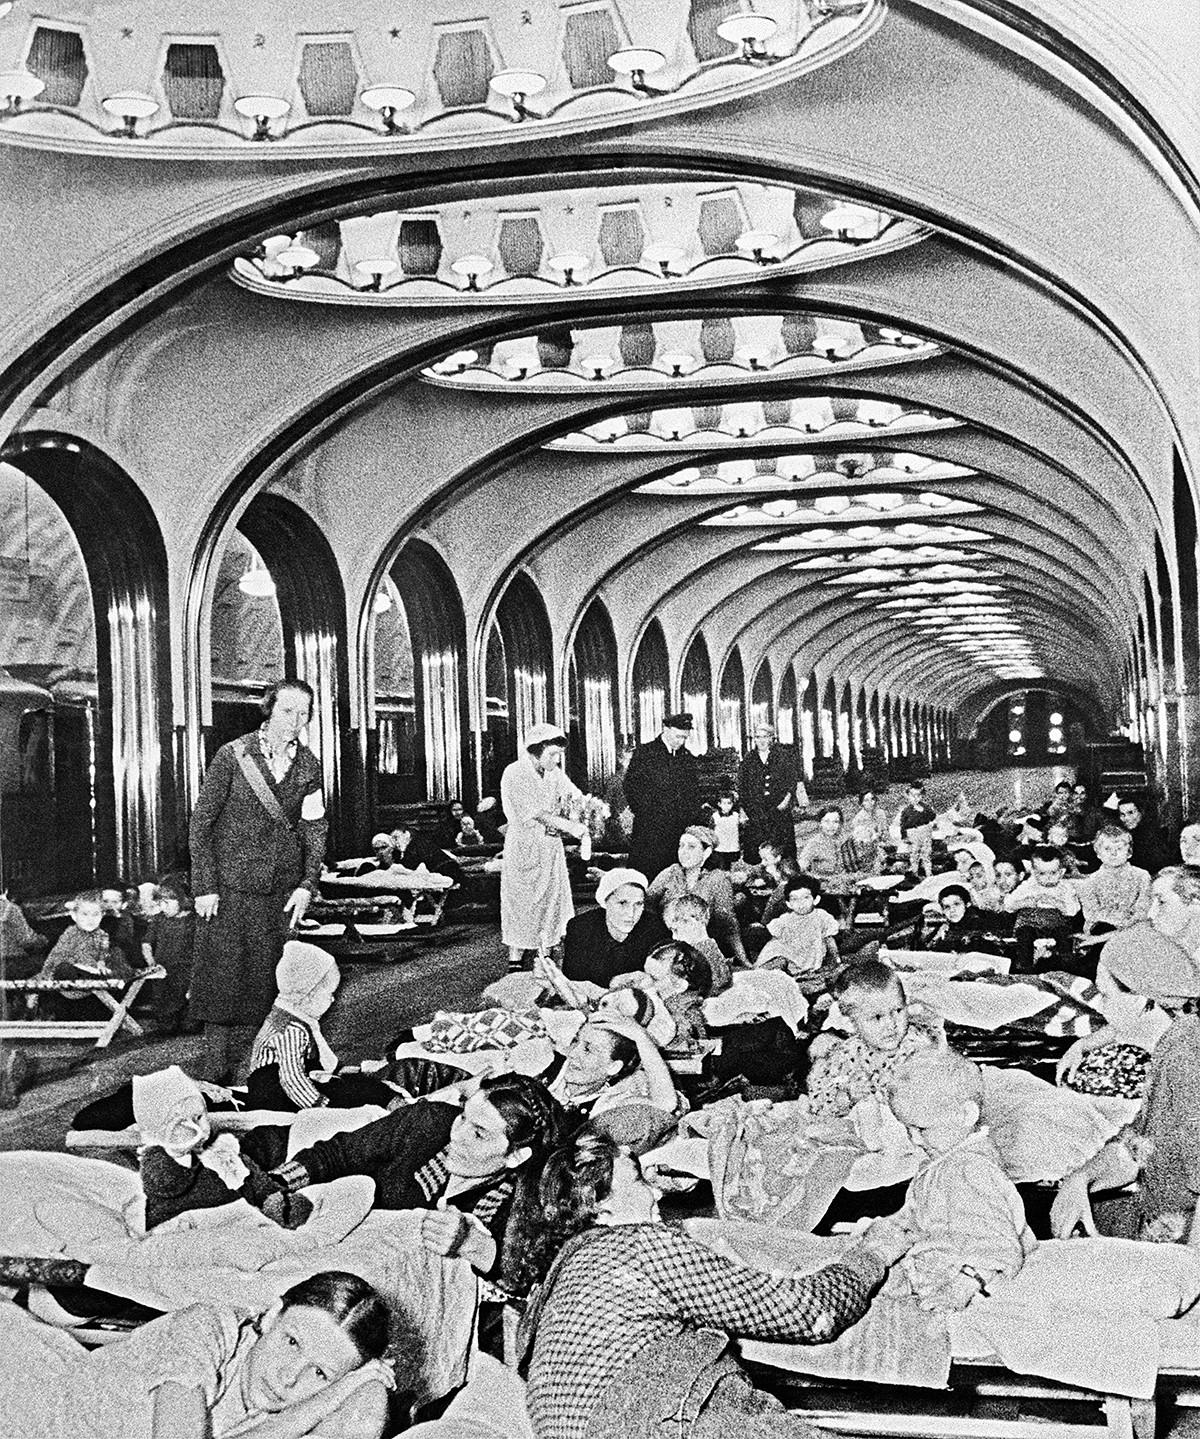 Московски метро за време Великог Отаџбинског рата